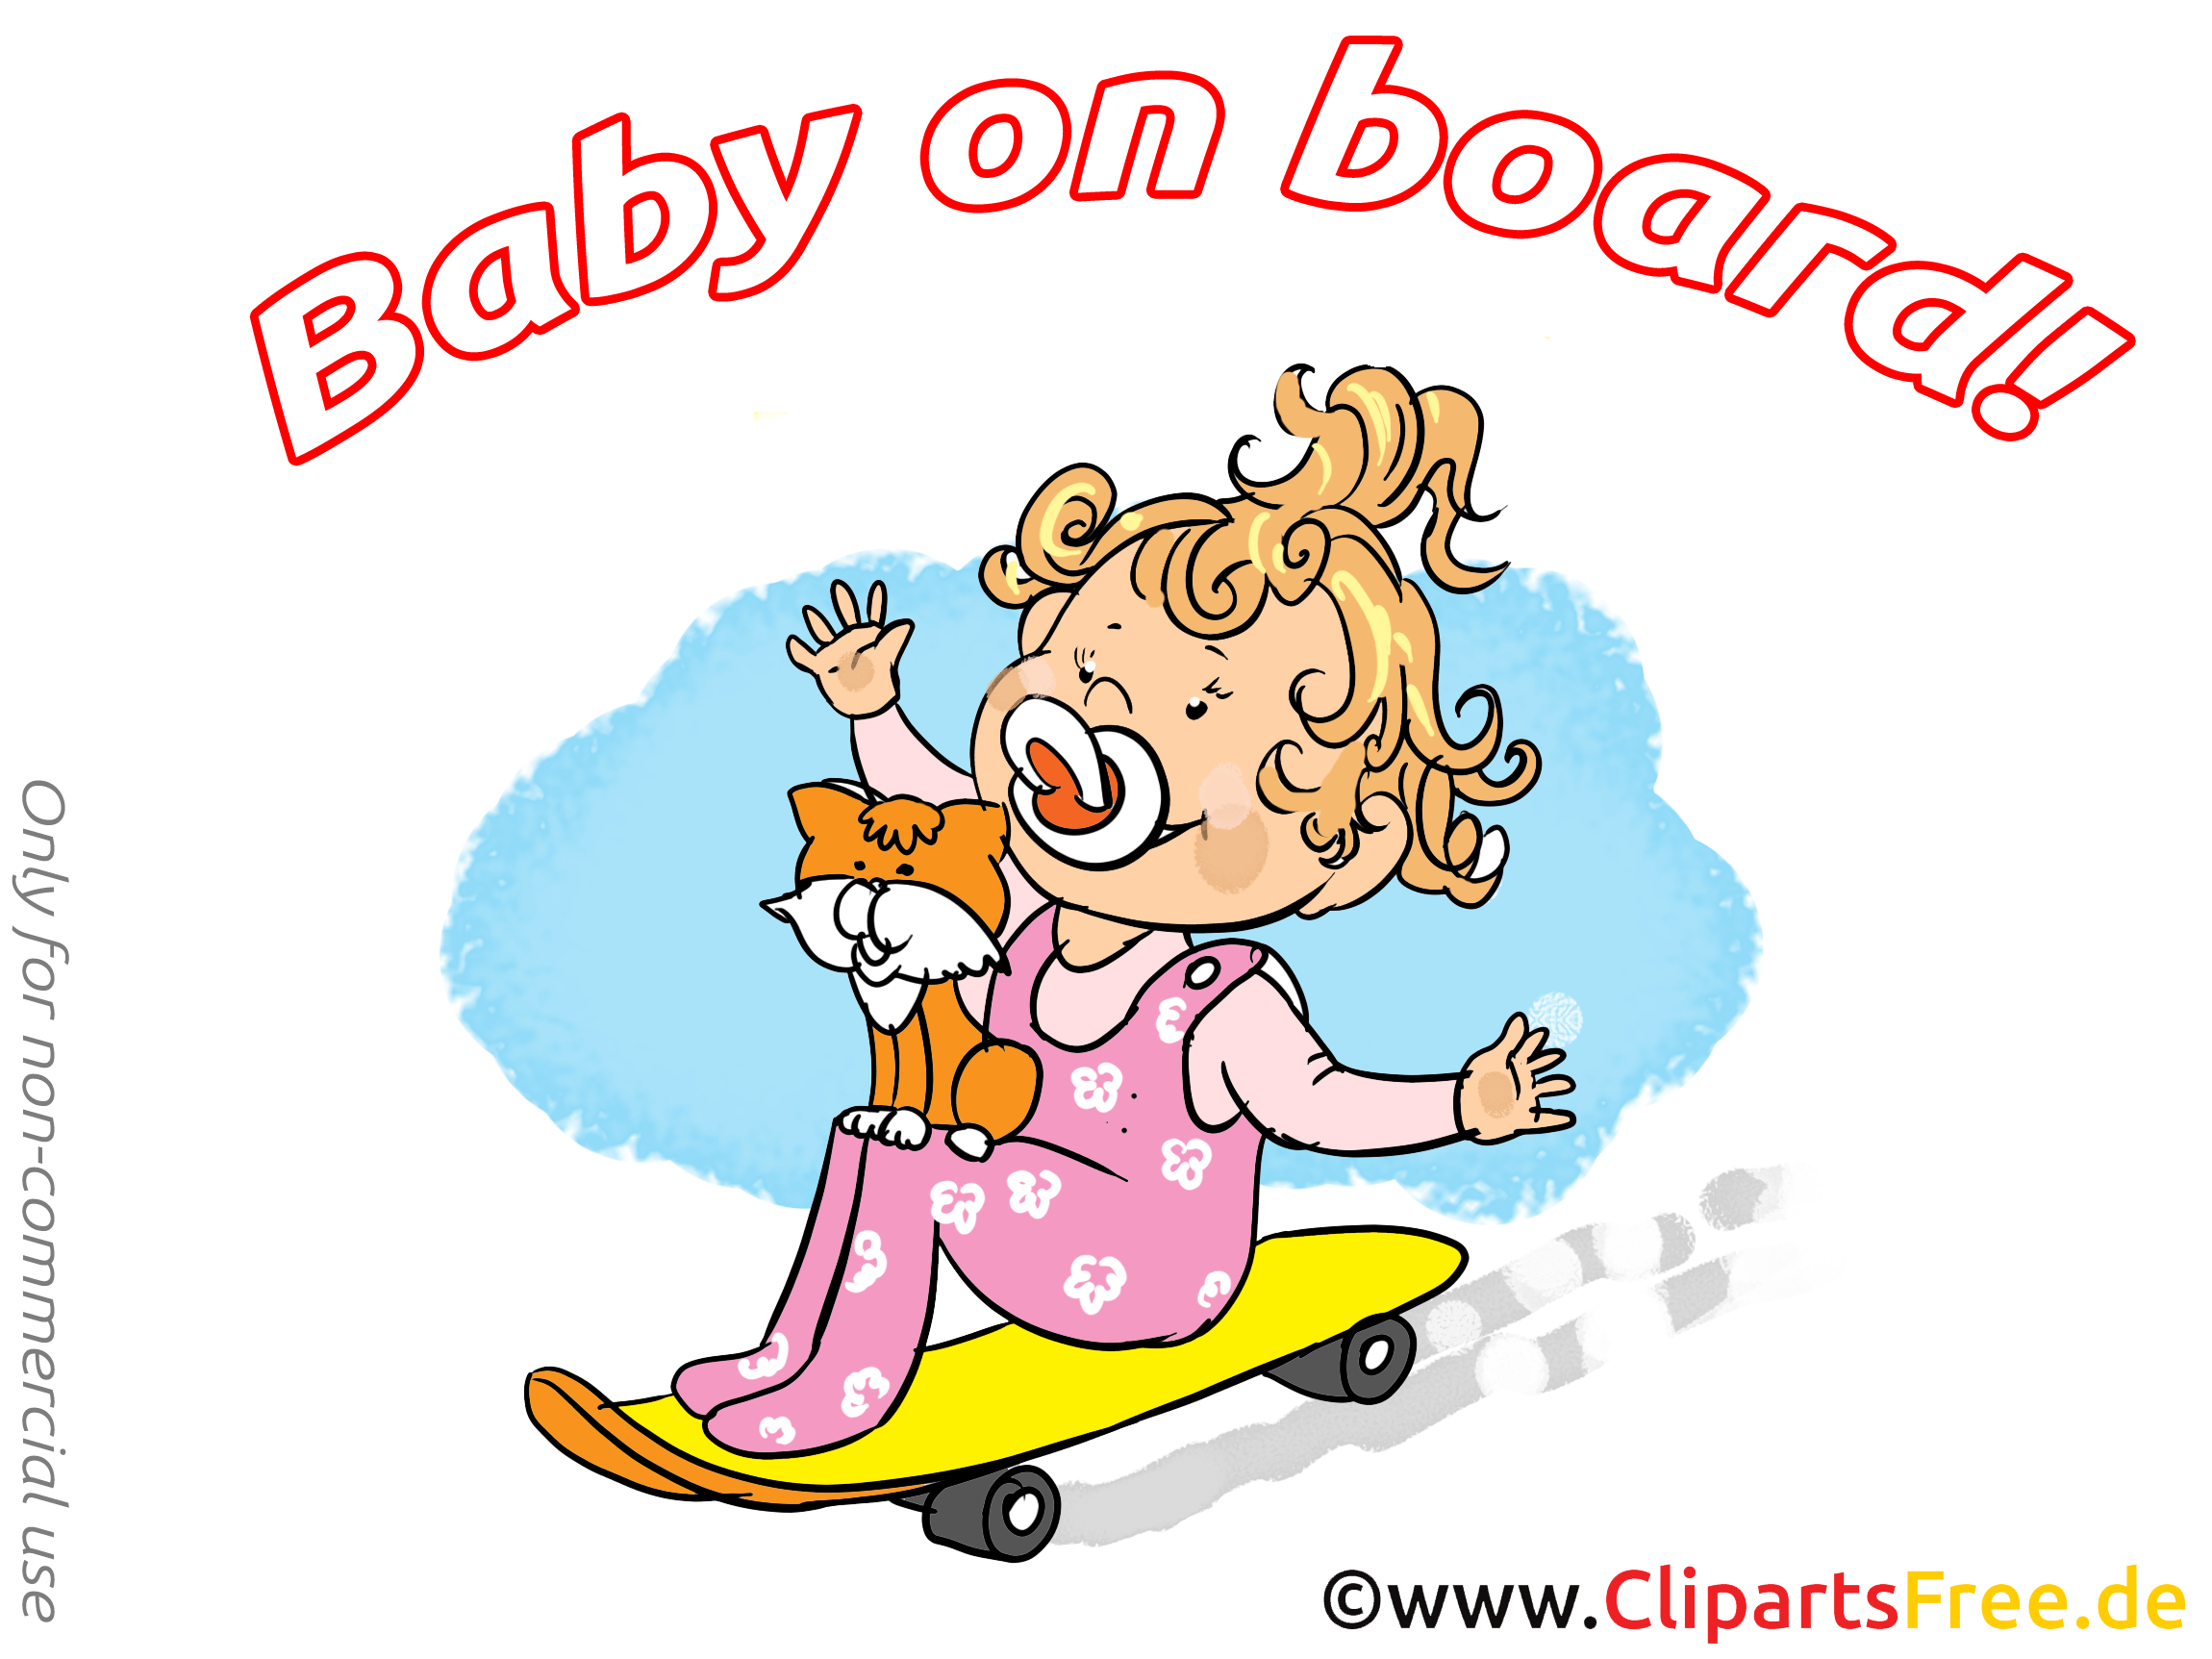 Chat plache à roulettes image – Bébé à bord illustration